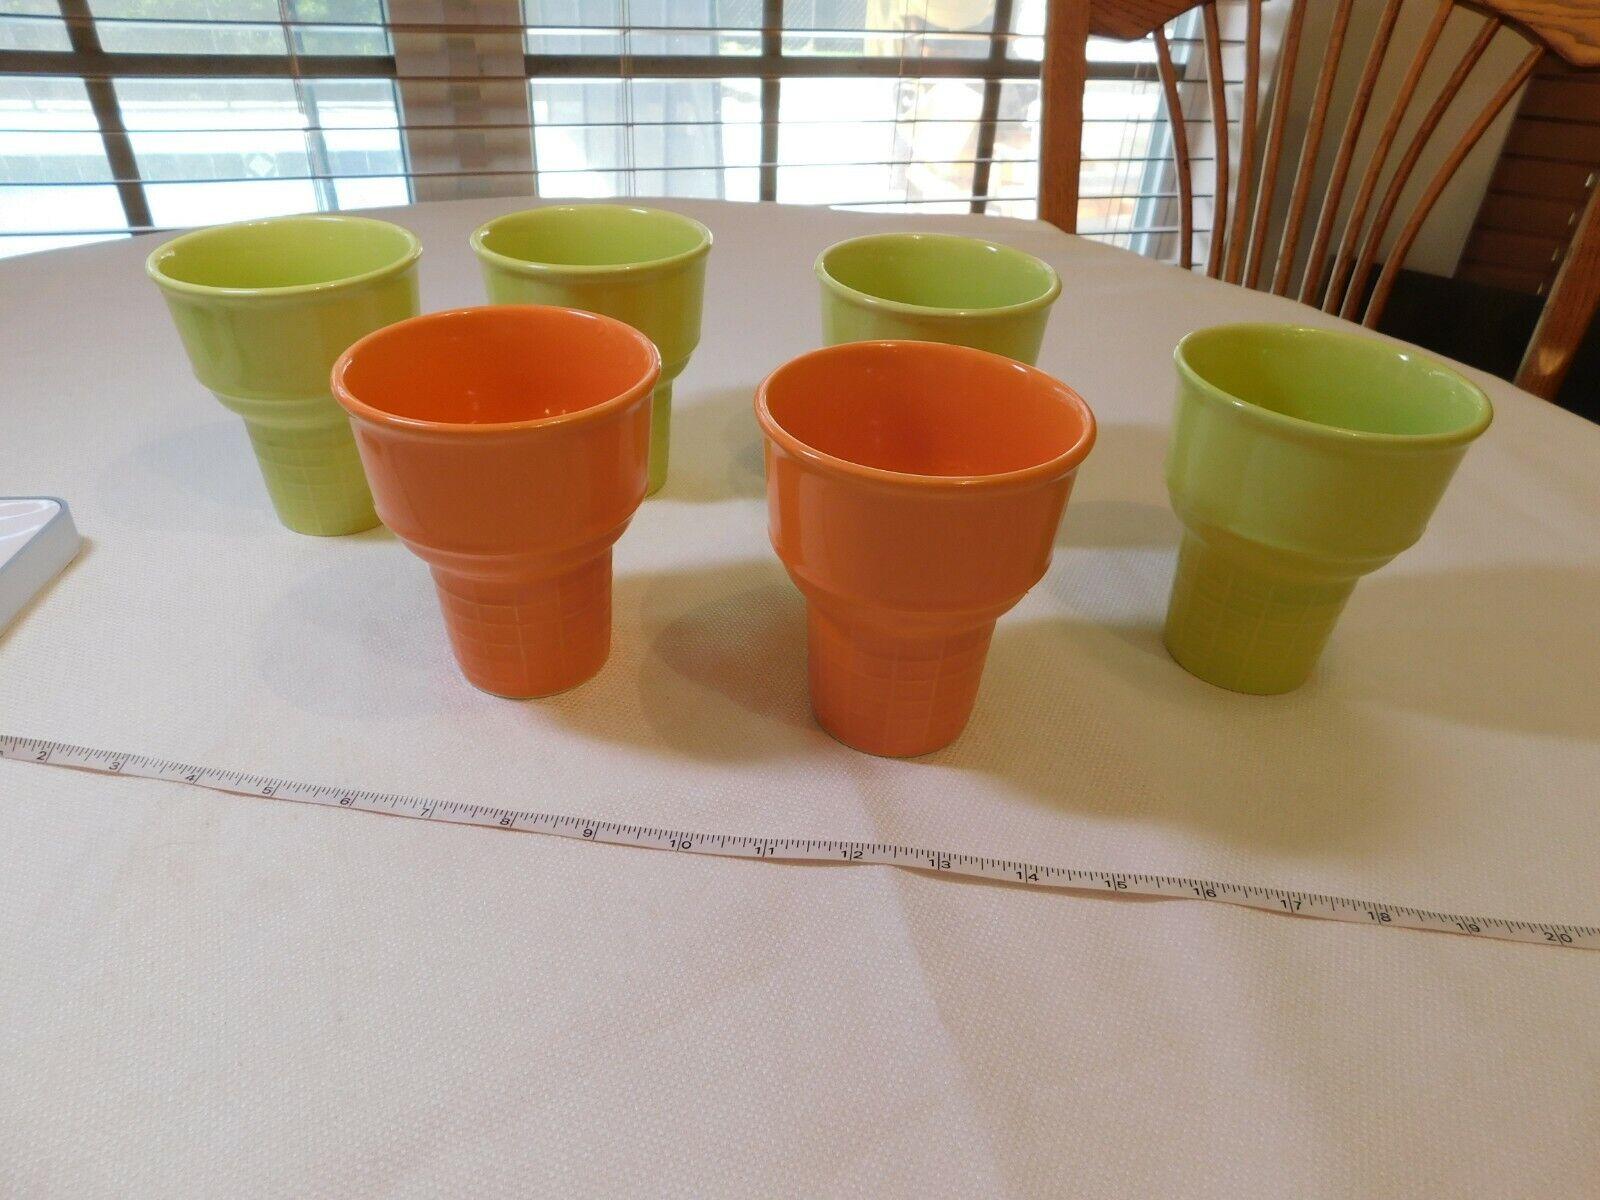 Farberware Dinnerware RARE Grün Orange ice cream cone cups sundaes scoop set 6